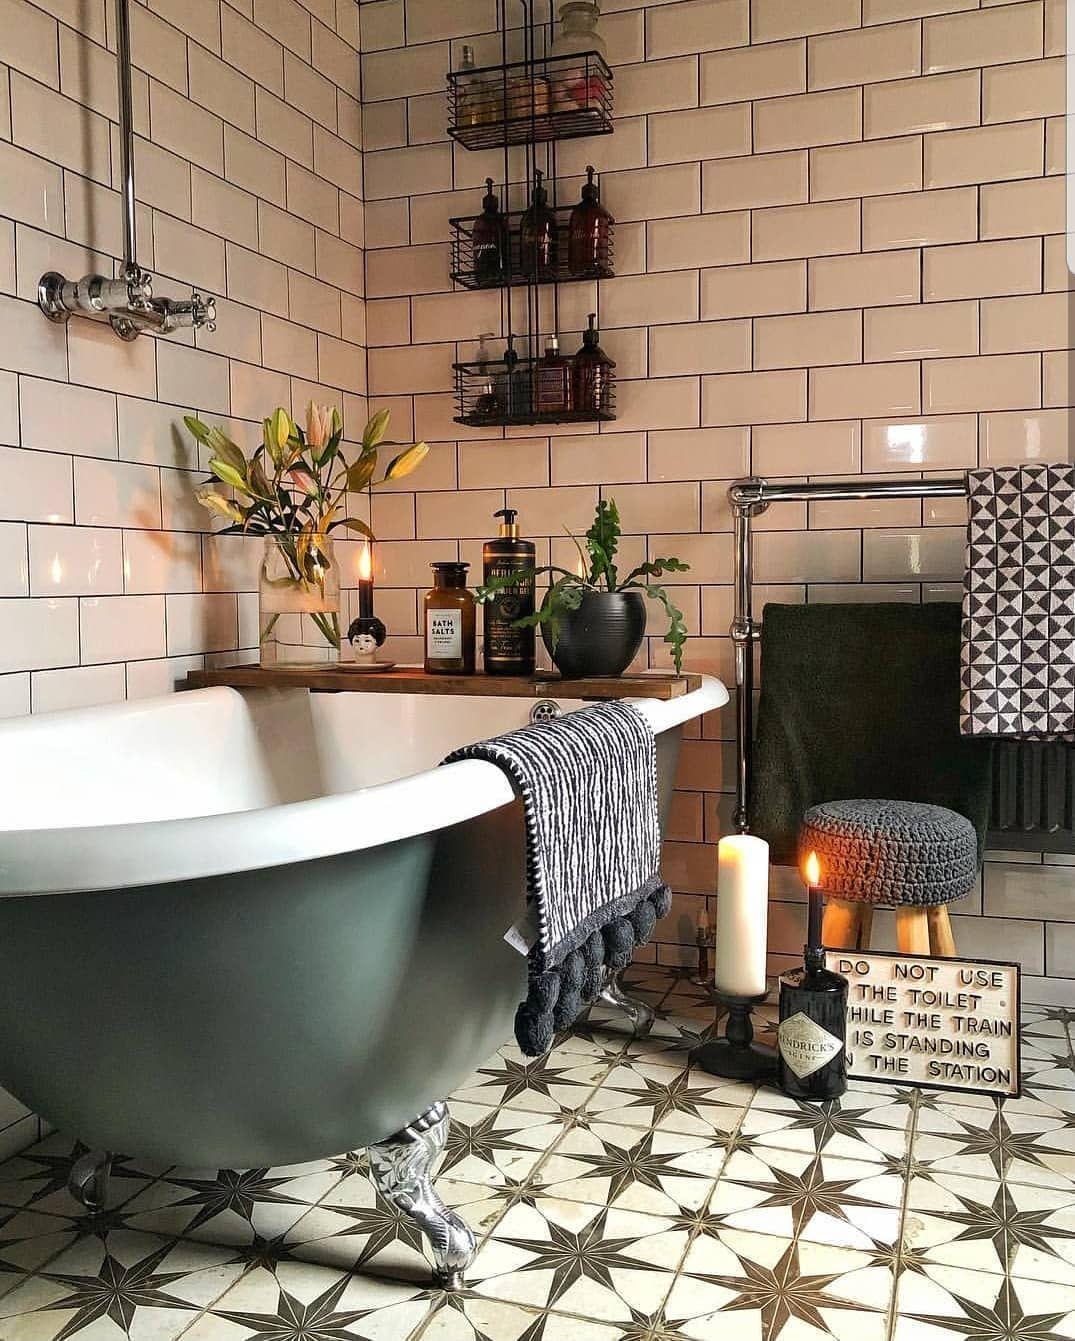 10 Amazing Bohemian Style Bathroom Decor Ideas - 10 Amazing